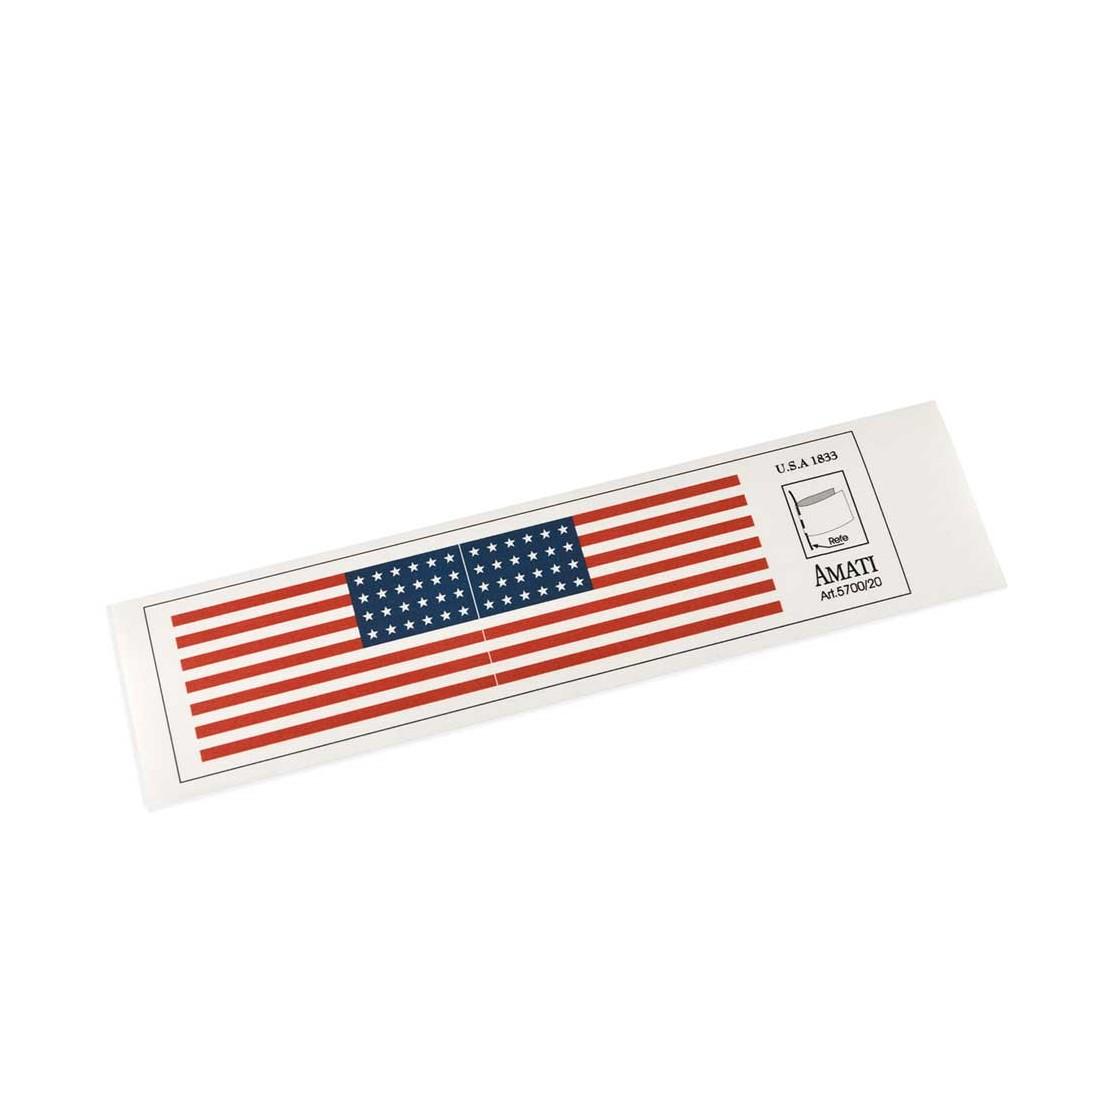 Drapeaux USA 1833